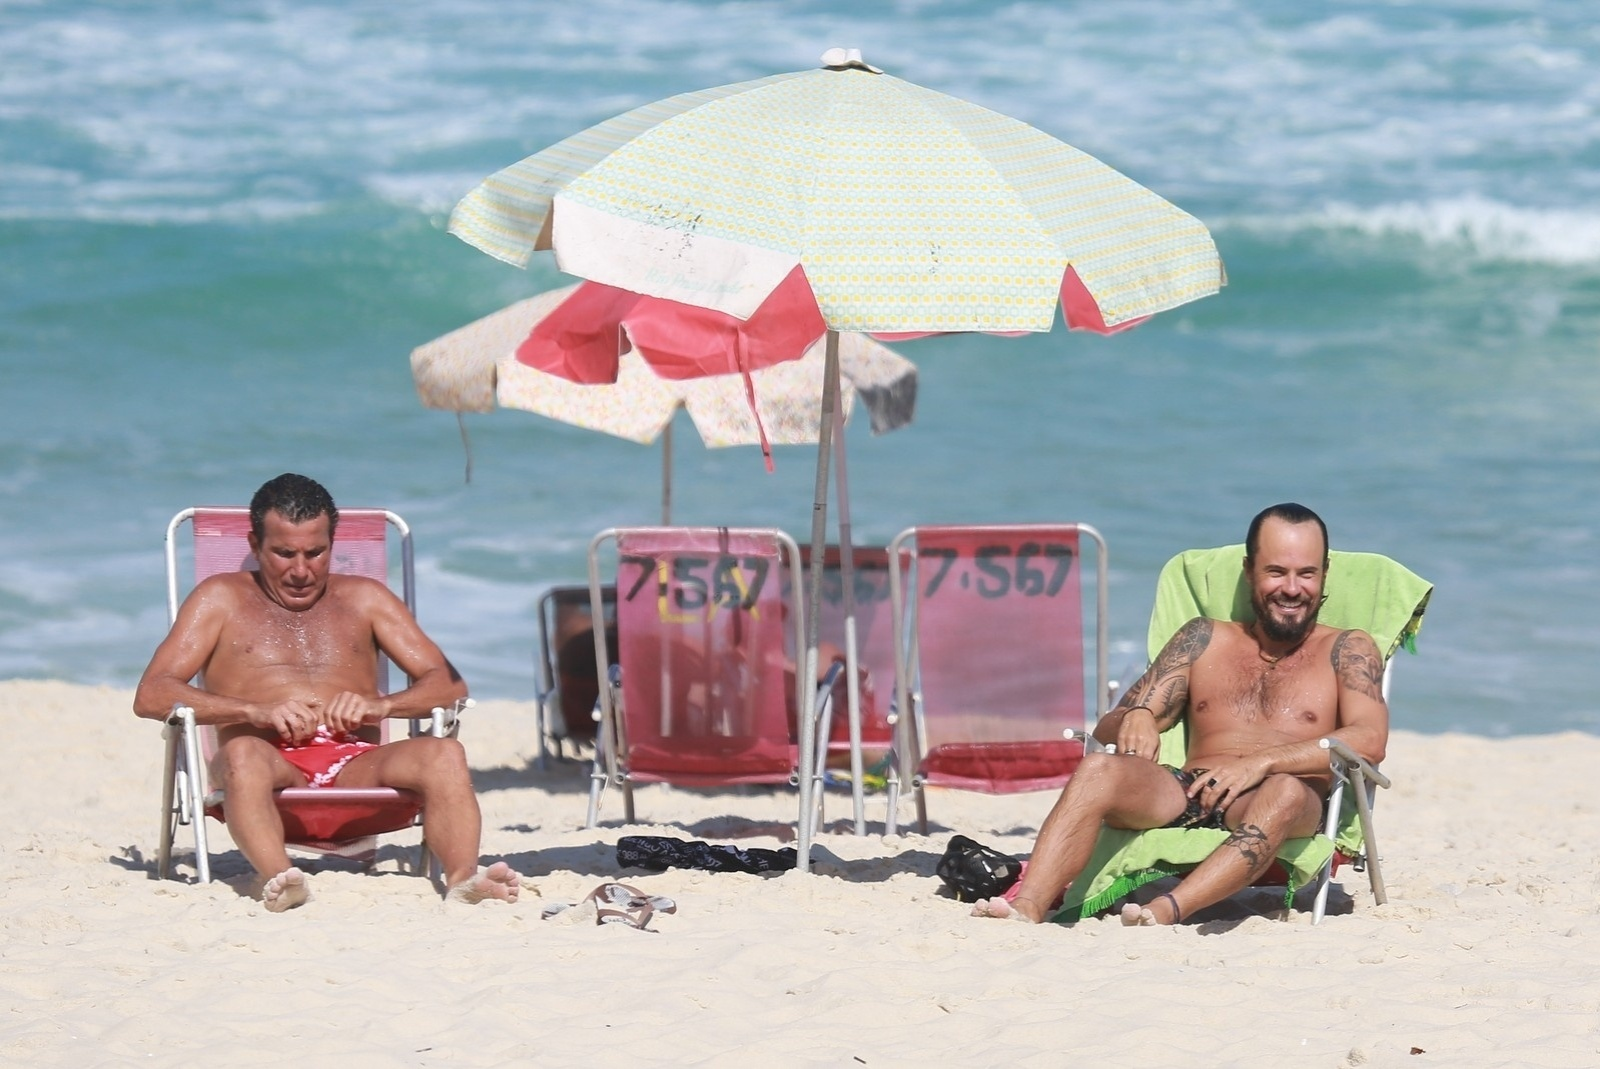 5.mai.2014 - Após mergulho, Paulinho Vilhena e Eri Johnson curtem bate-papo sob o guarda-sol na praia Recreio dos Bandeirantes, no Rio de Janeiro